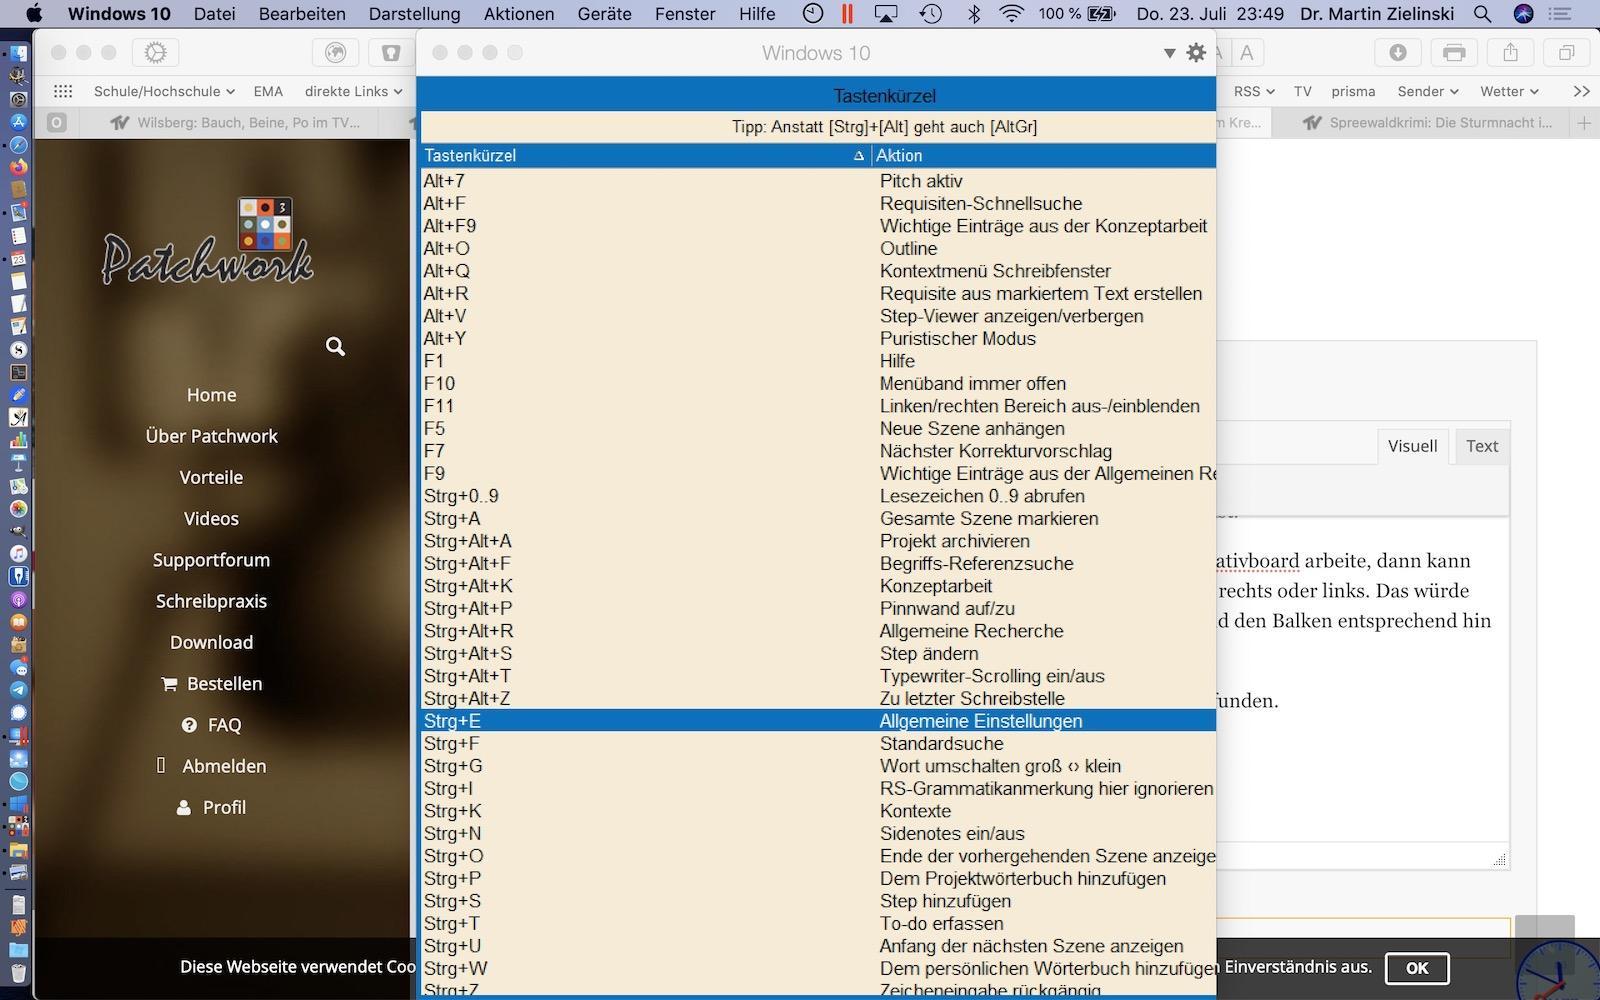 Bildschirmfoto 2020-07-23 um 23.49.37